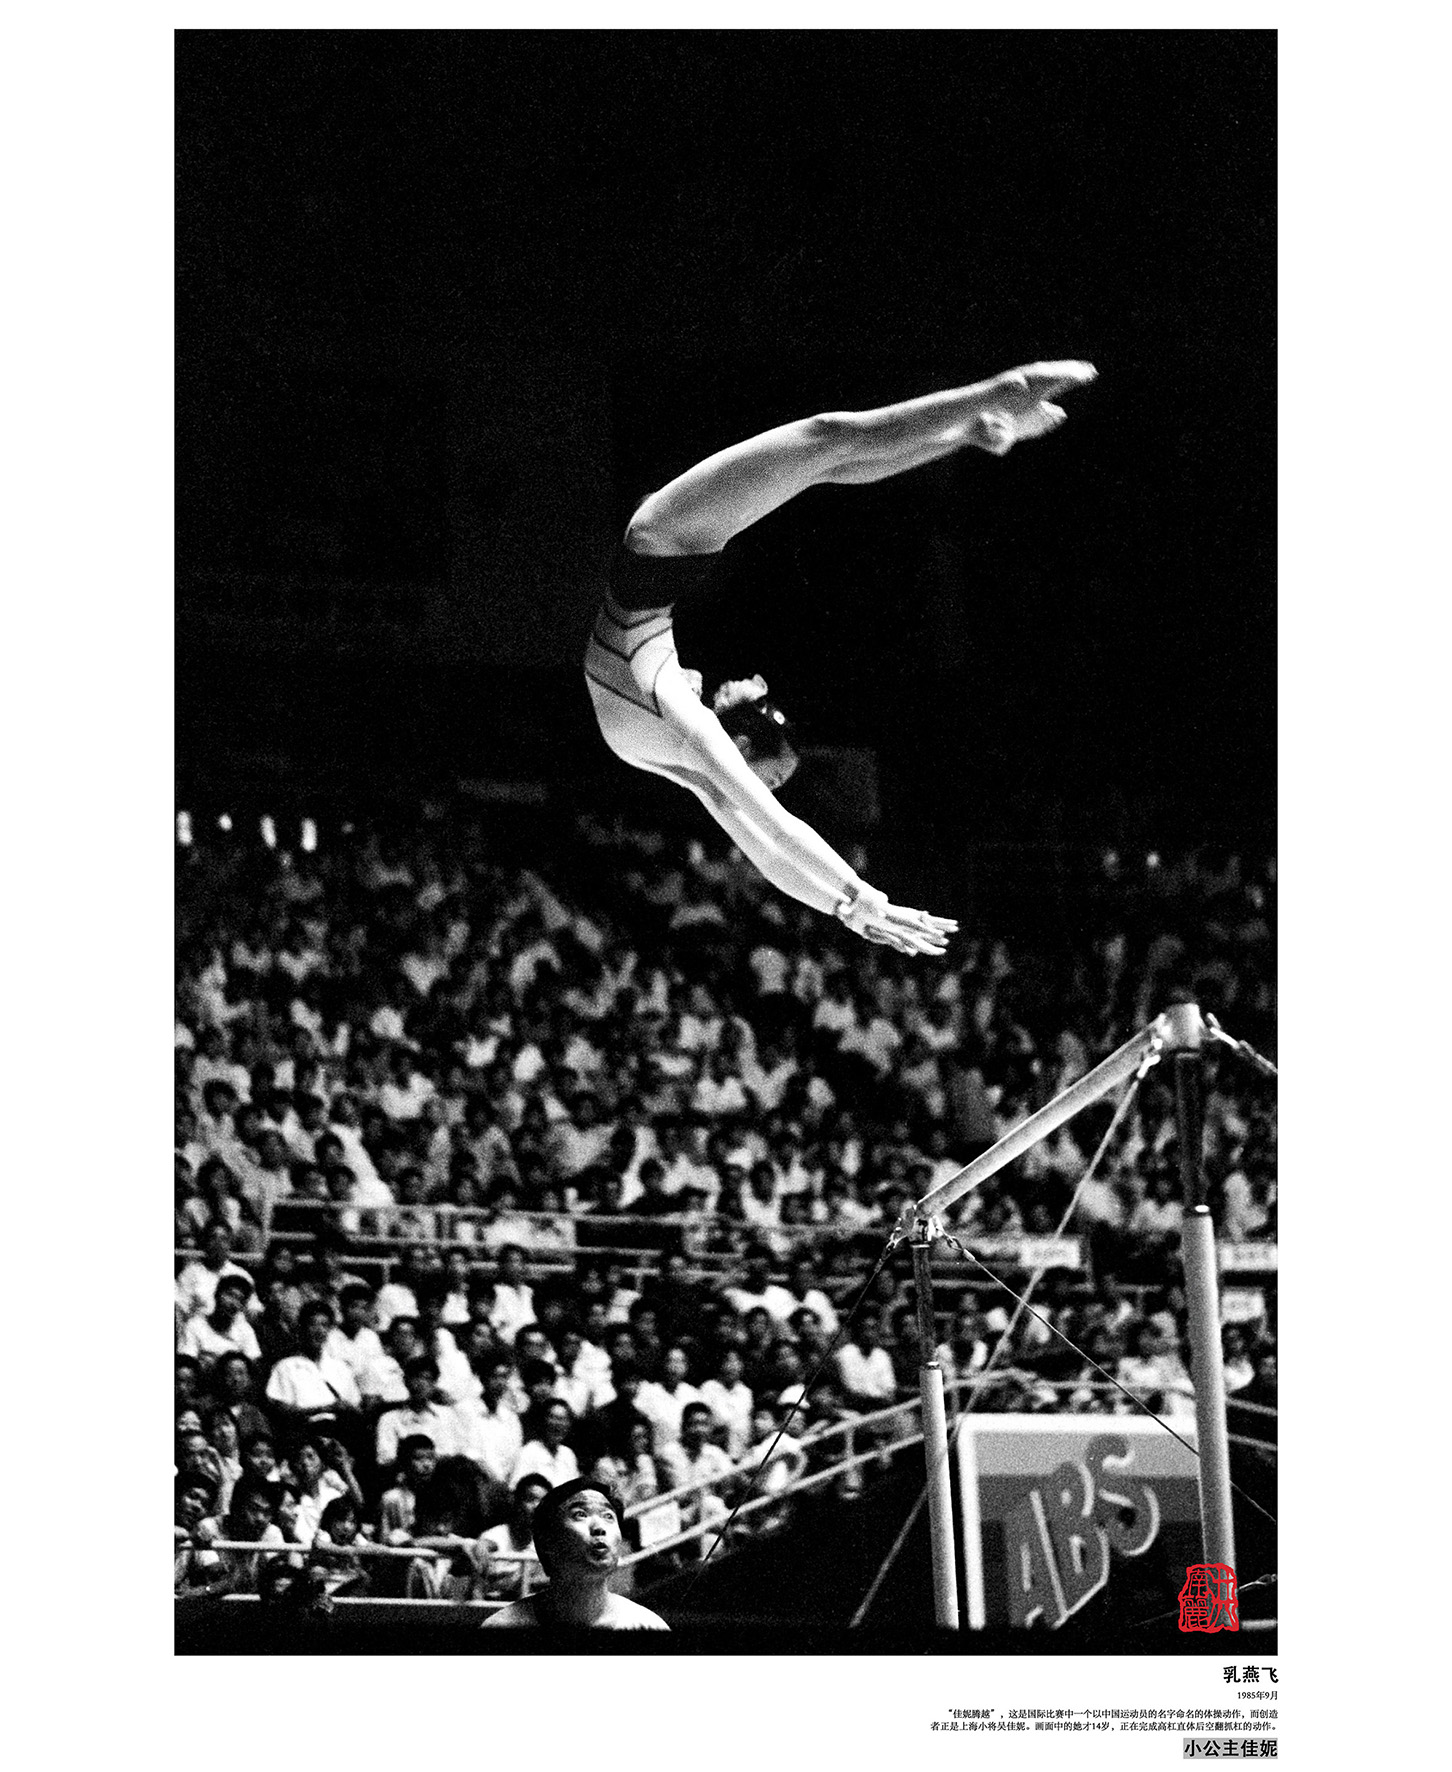 乳燕飞 吴佳妮 在全国体操锦标赛高低杠比赛时做的高难度的高杠直体后空翻抓杠 摄于1982年.jpg